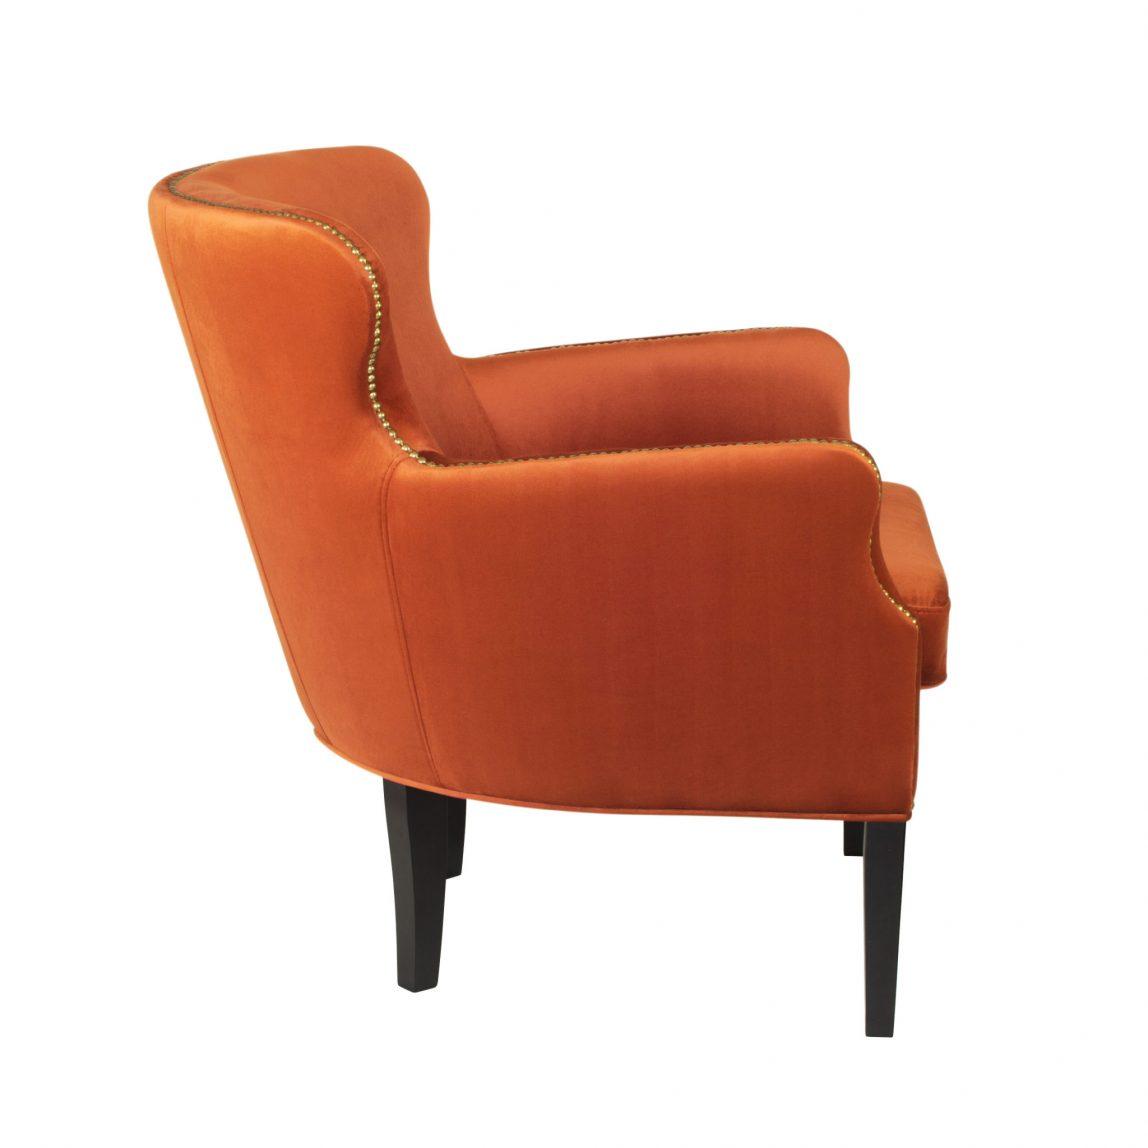 кресло на высоких ножках  оранжевое